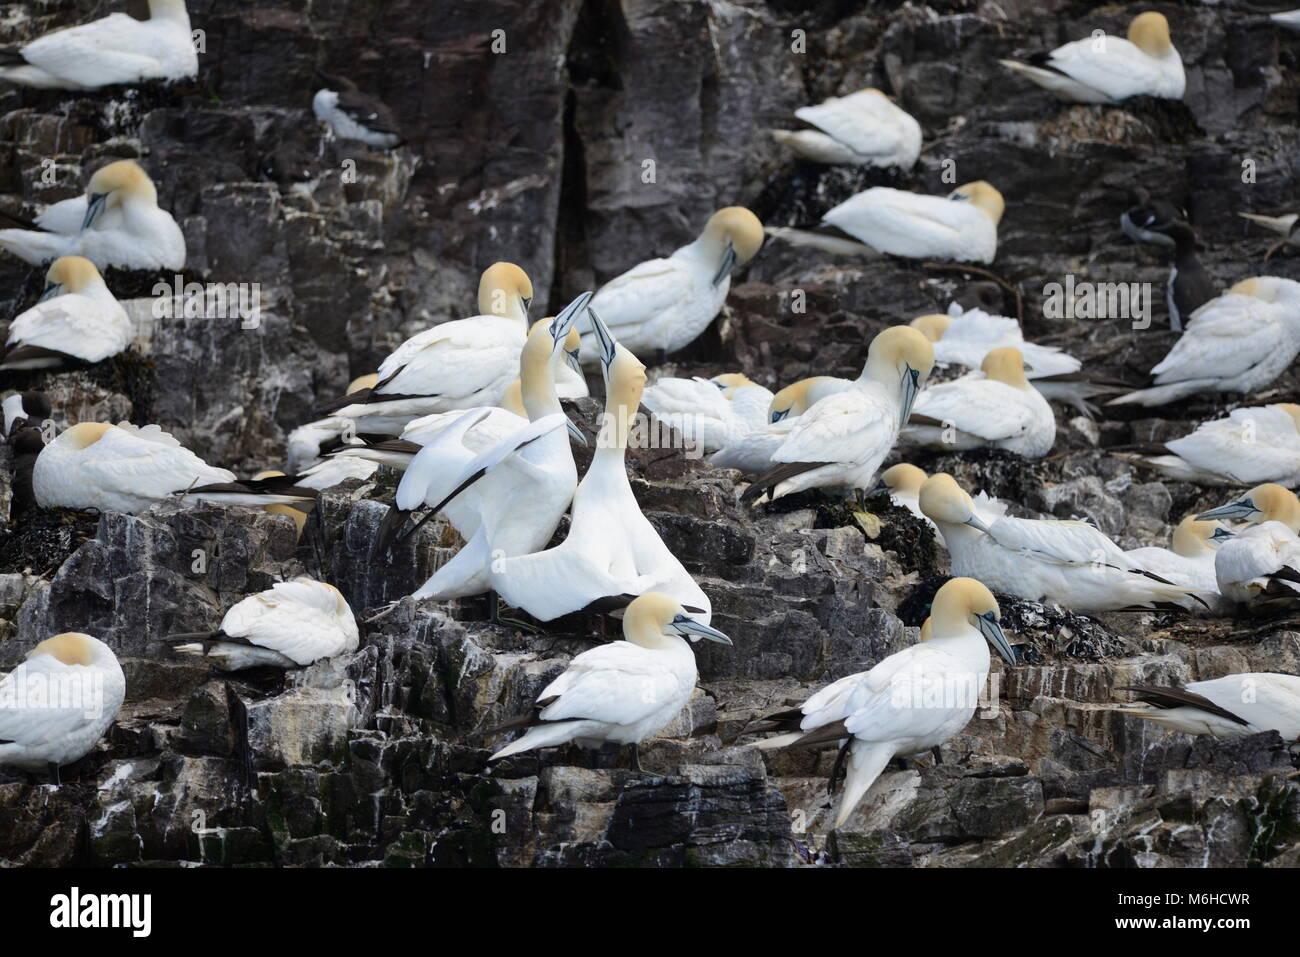 Gannets billing on cliffs - Stock Image